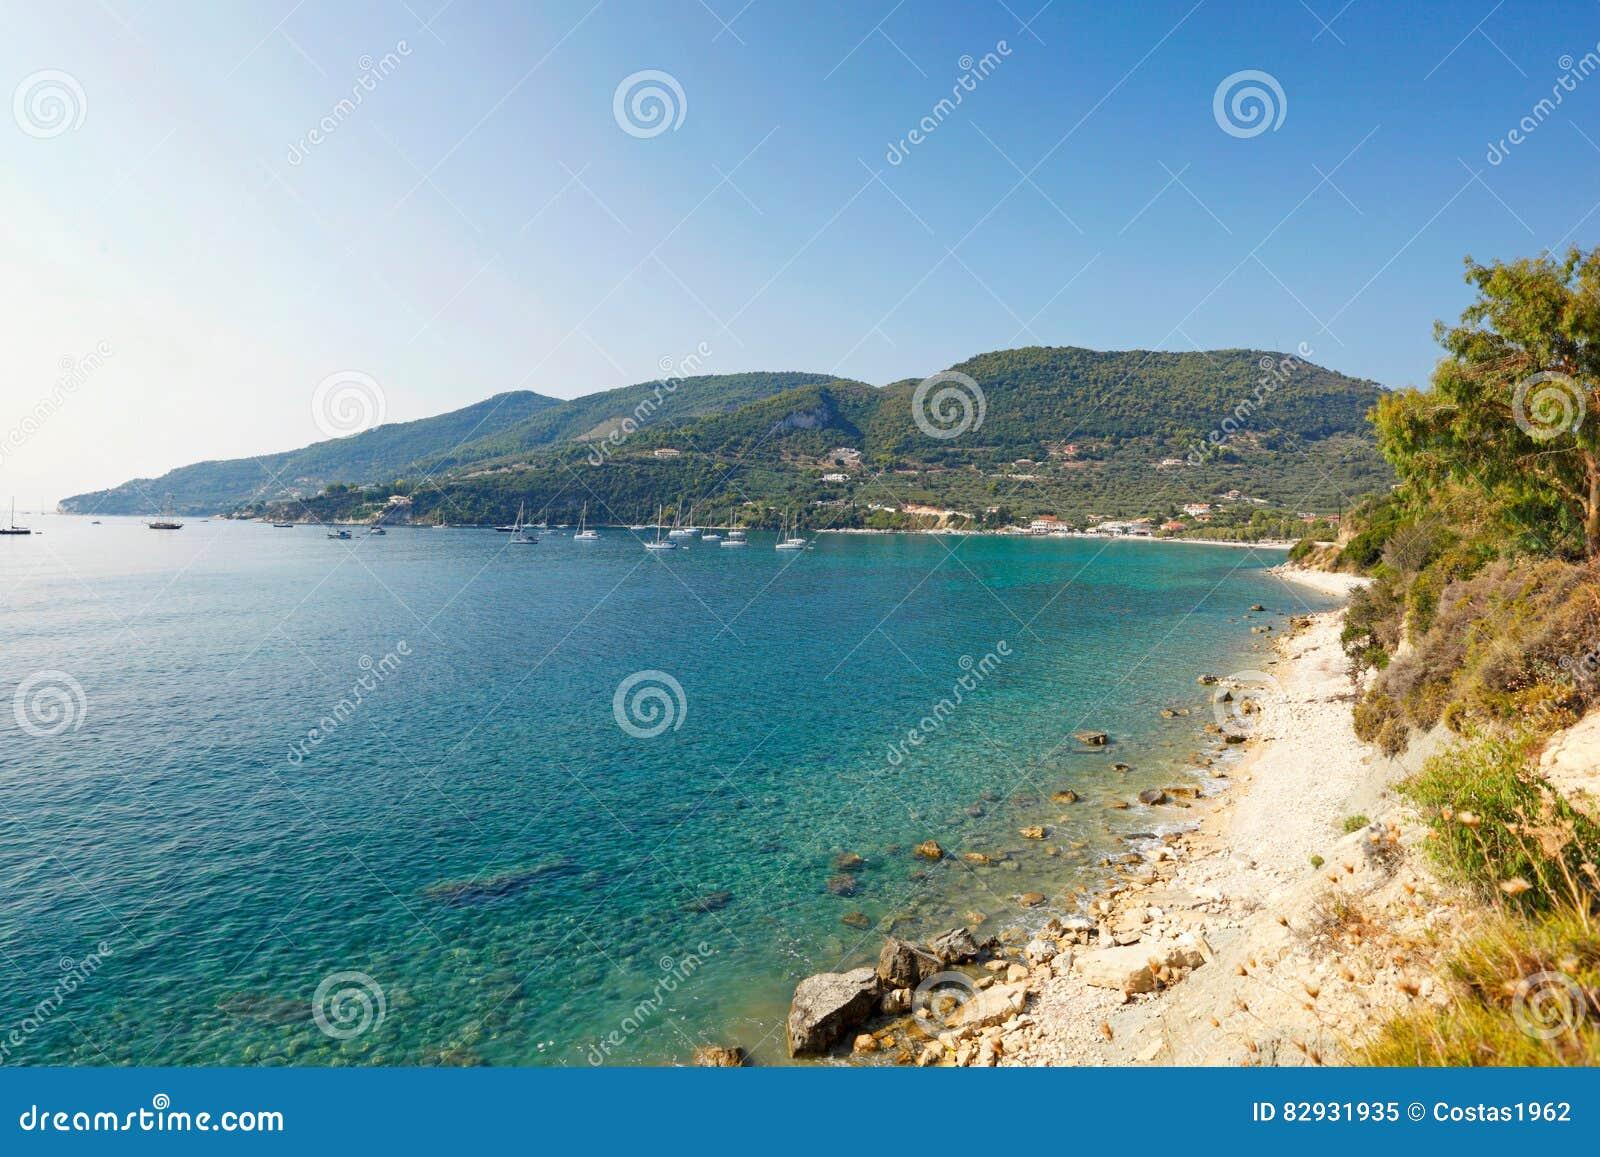 Keri Lake στο νησί της Ζάκυνθου, Ελλάδα